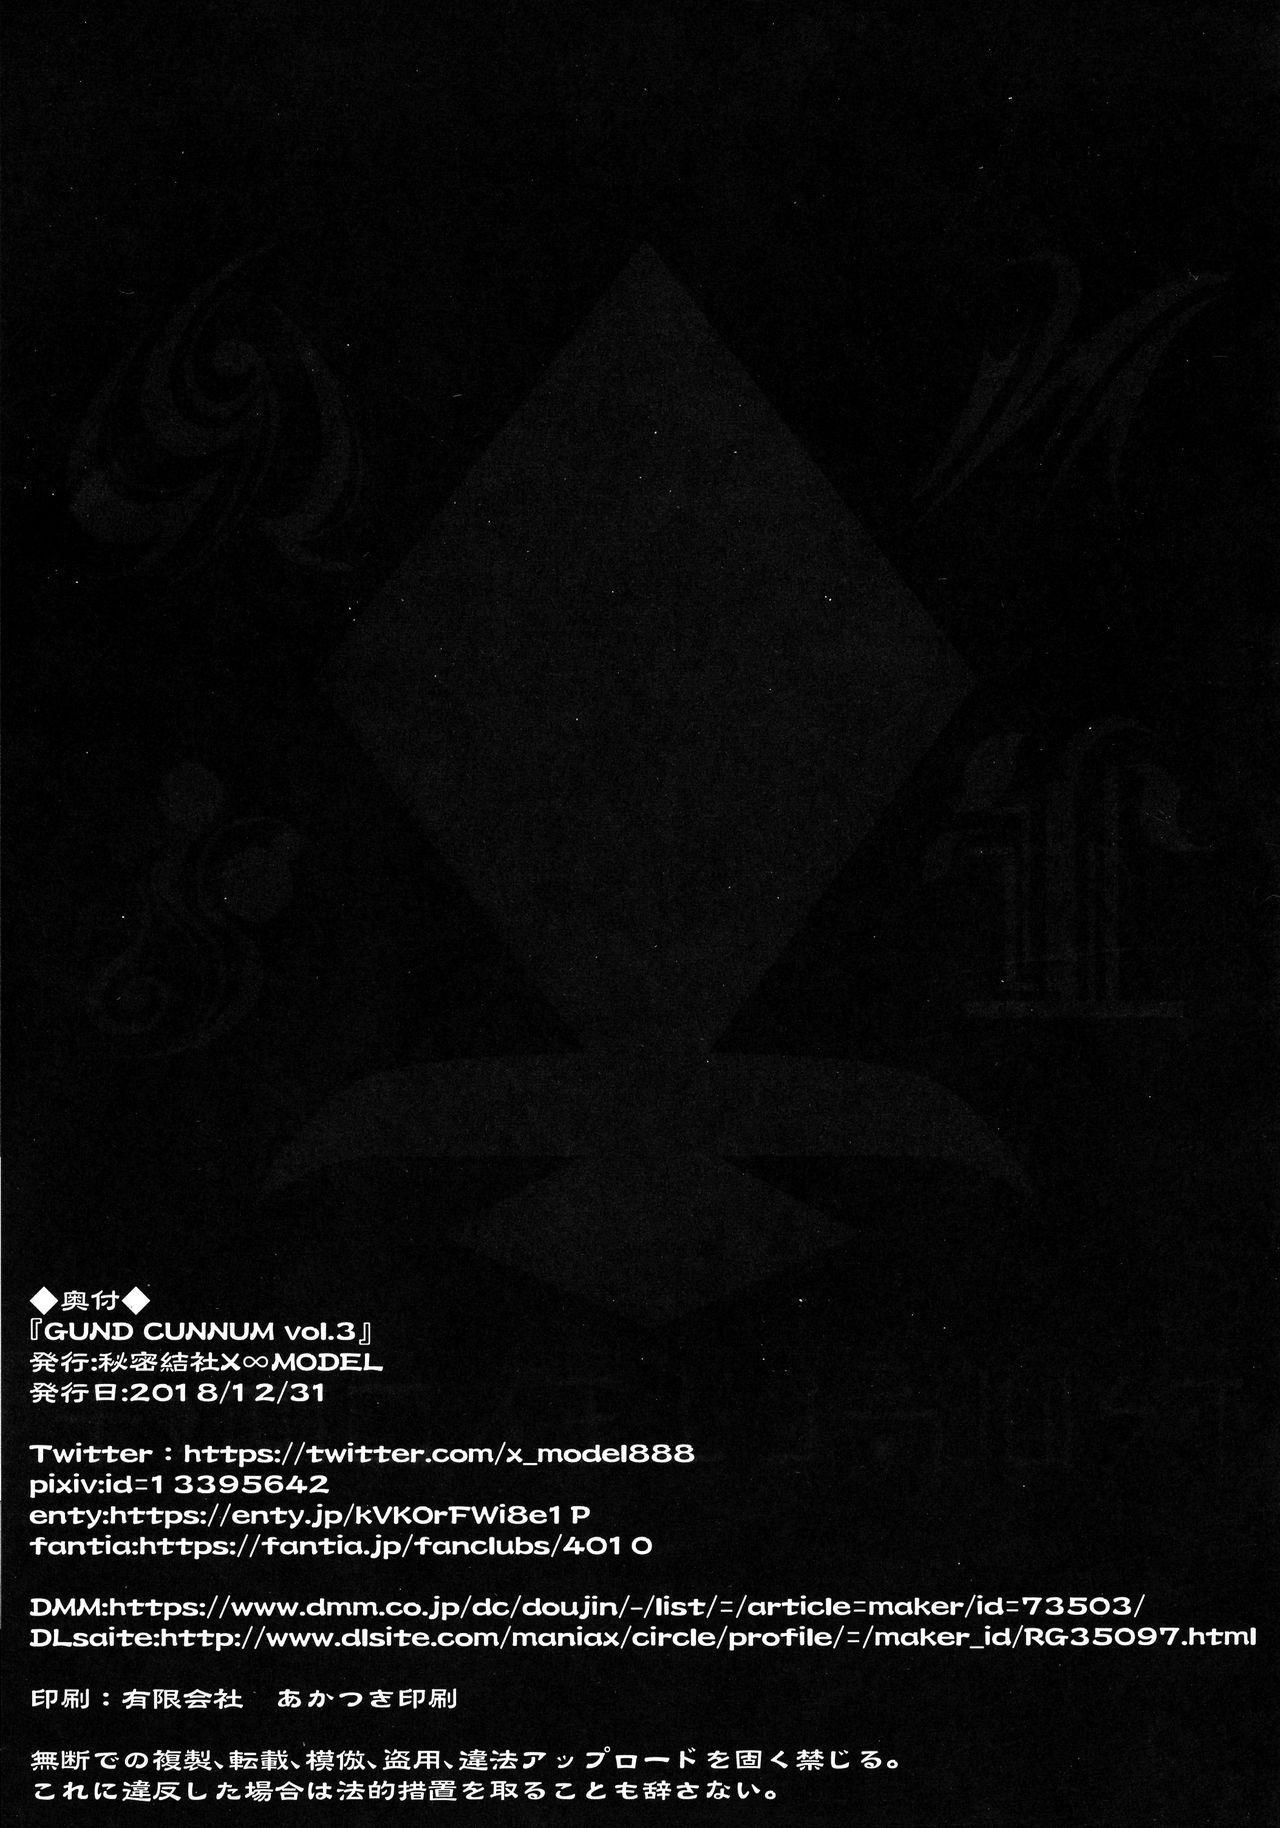 GUND CUNNUM vol.3 43